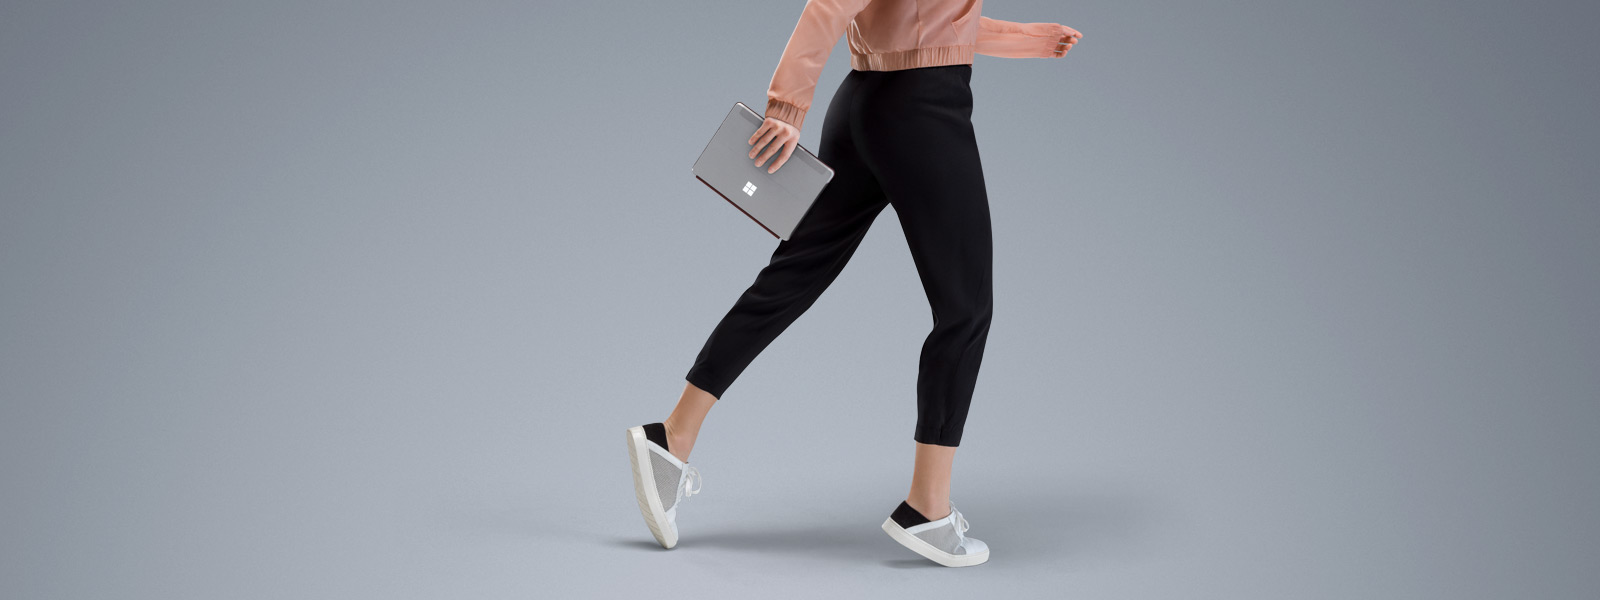 Surface Go kävelevän tytön pitelemänä